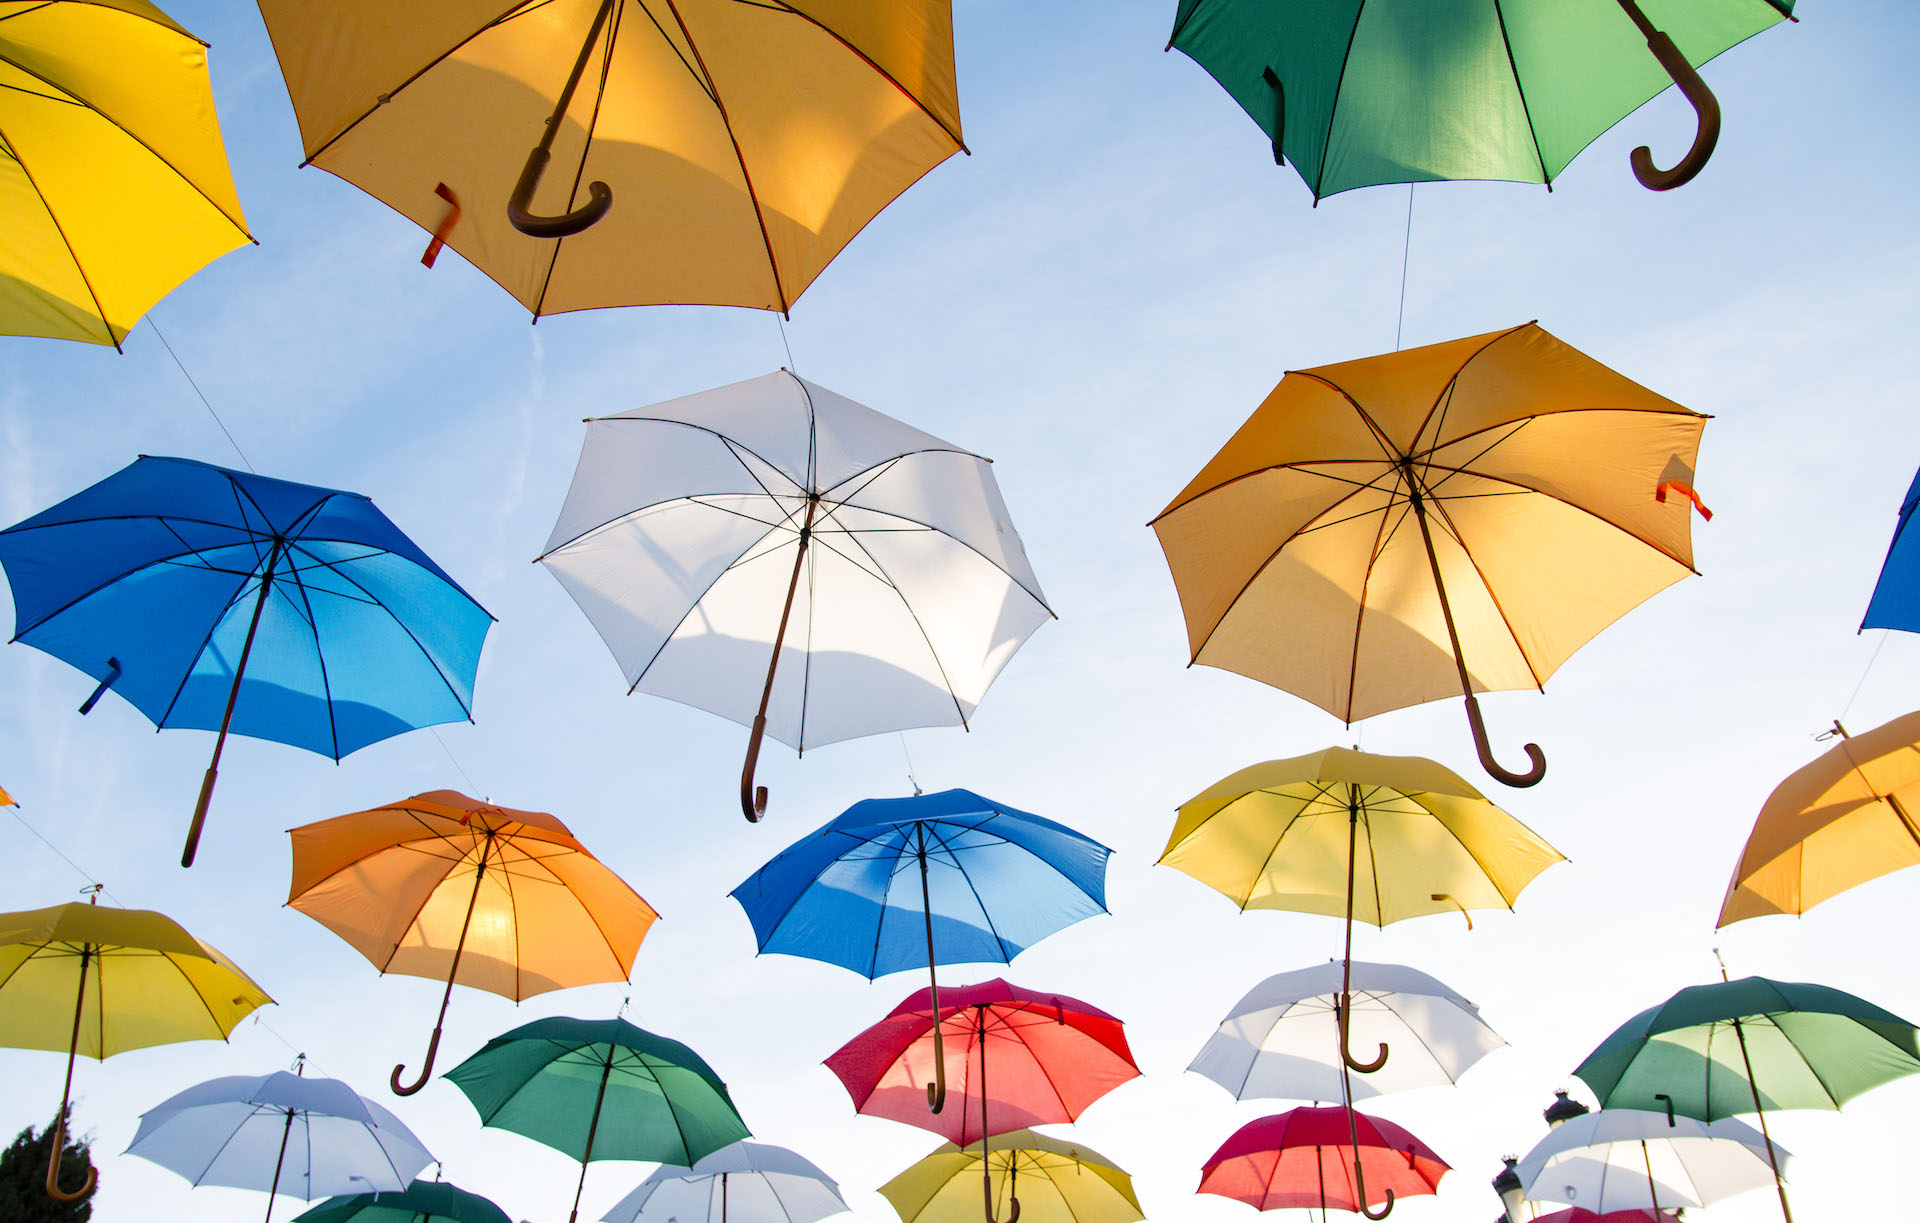 зонтик, цвета, Небо, Муха, Искусство - Обои HD - Профессор falken.com